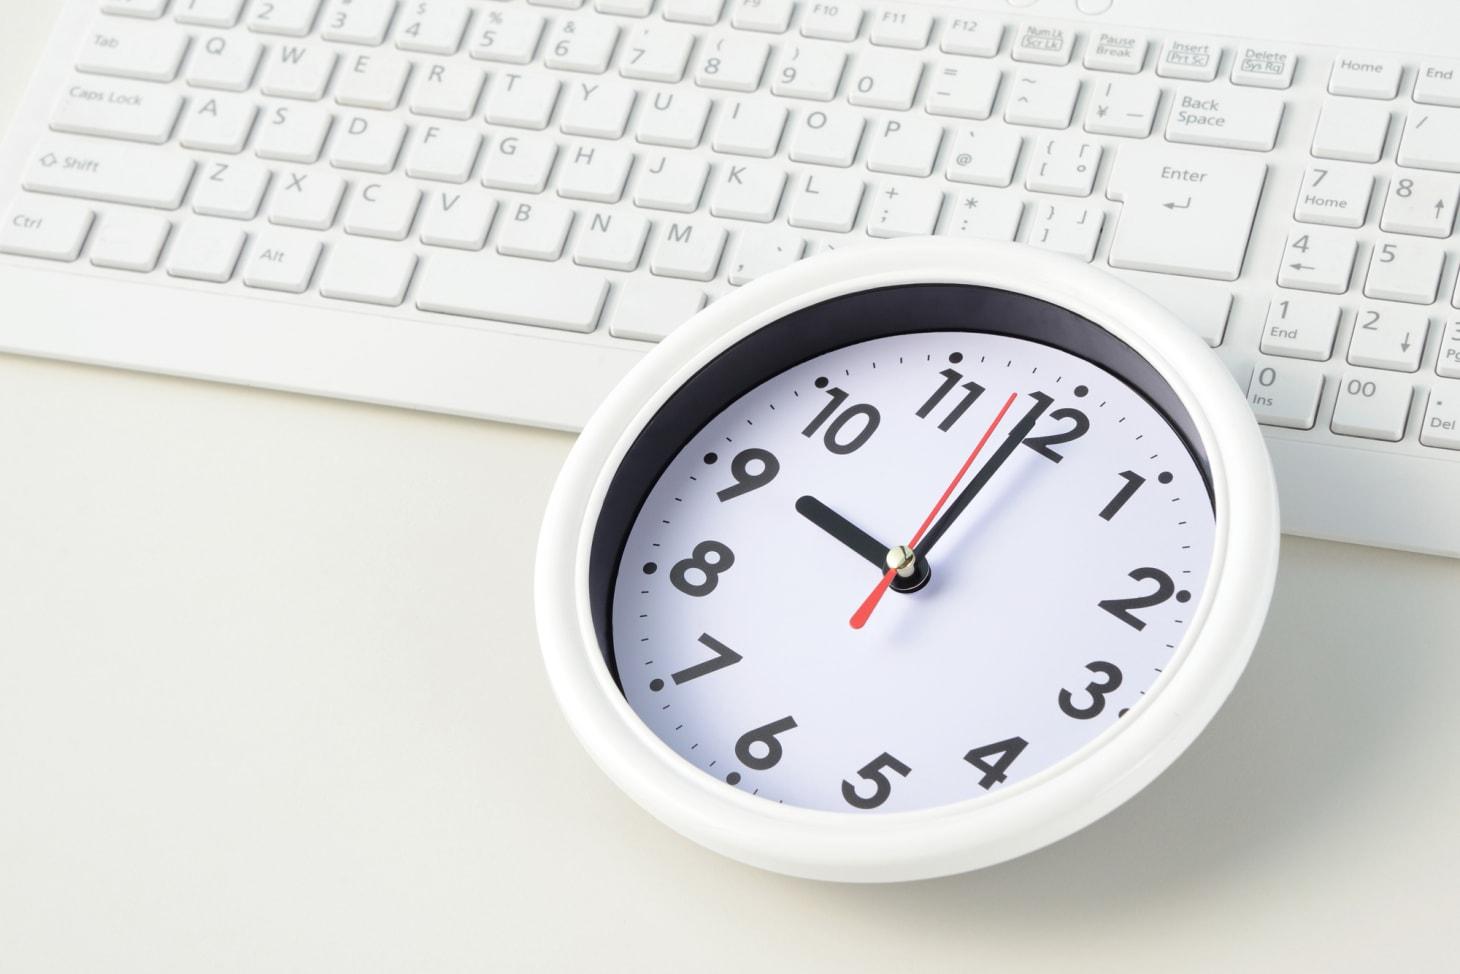 介護職員・介護福祉士の勤務時間にはどんなシフトがある?